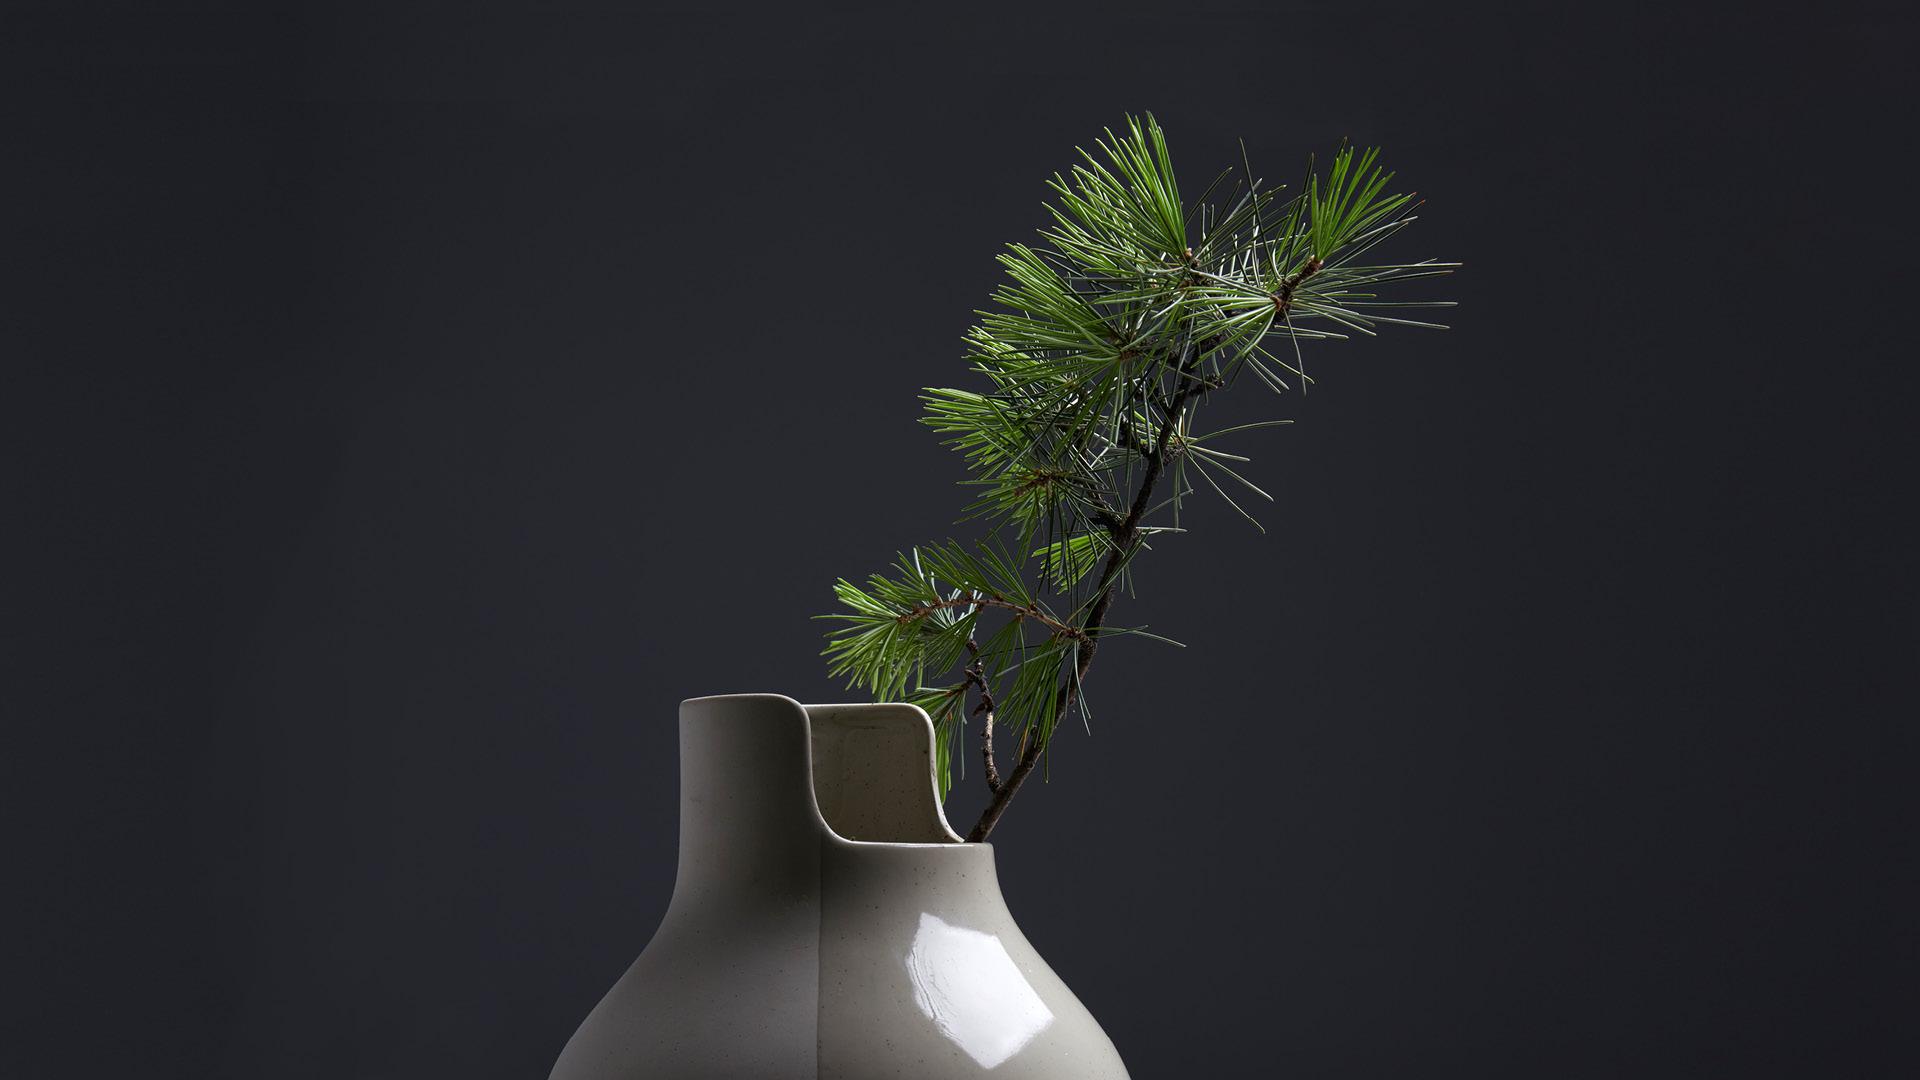 高洁松枝,中国花艺品格